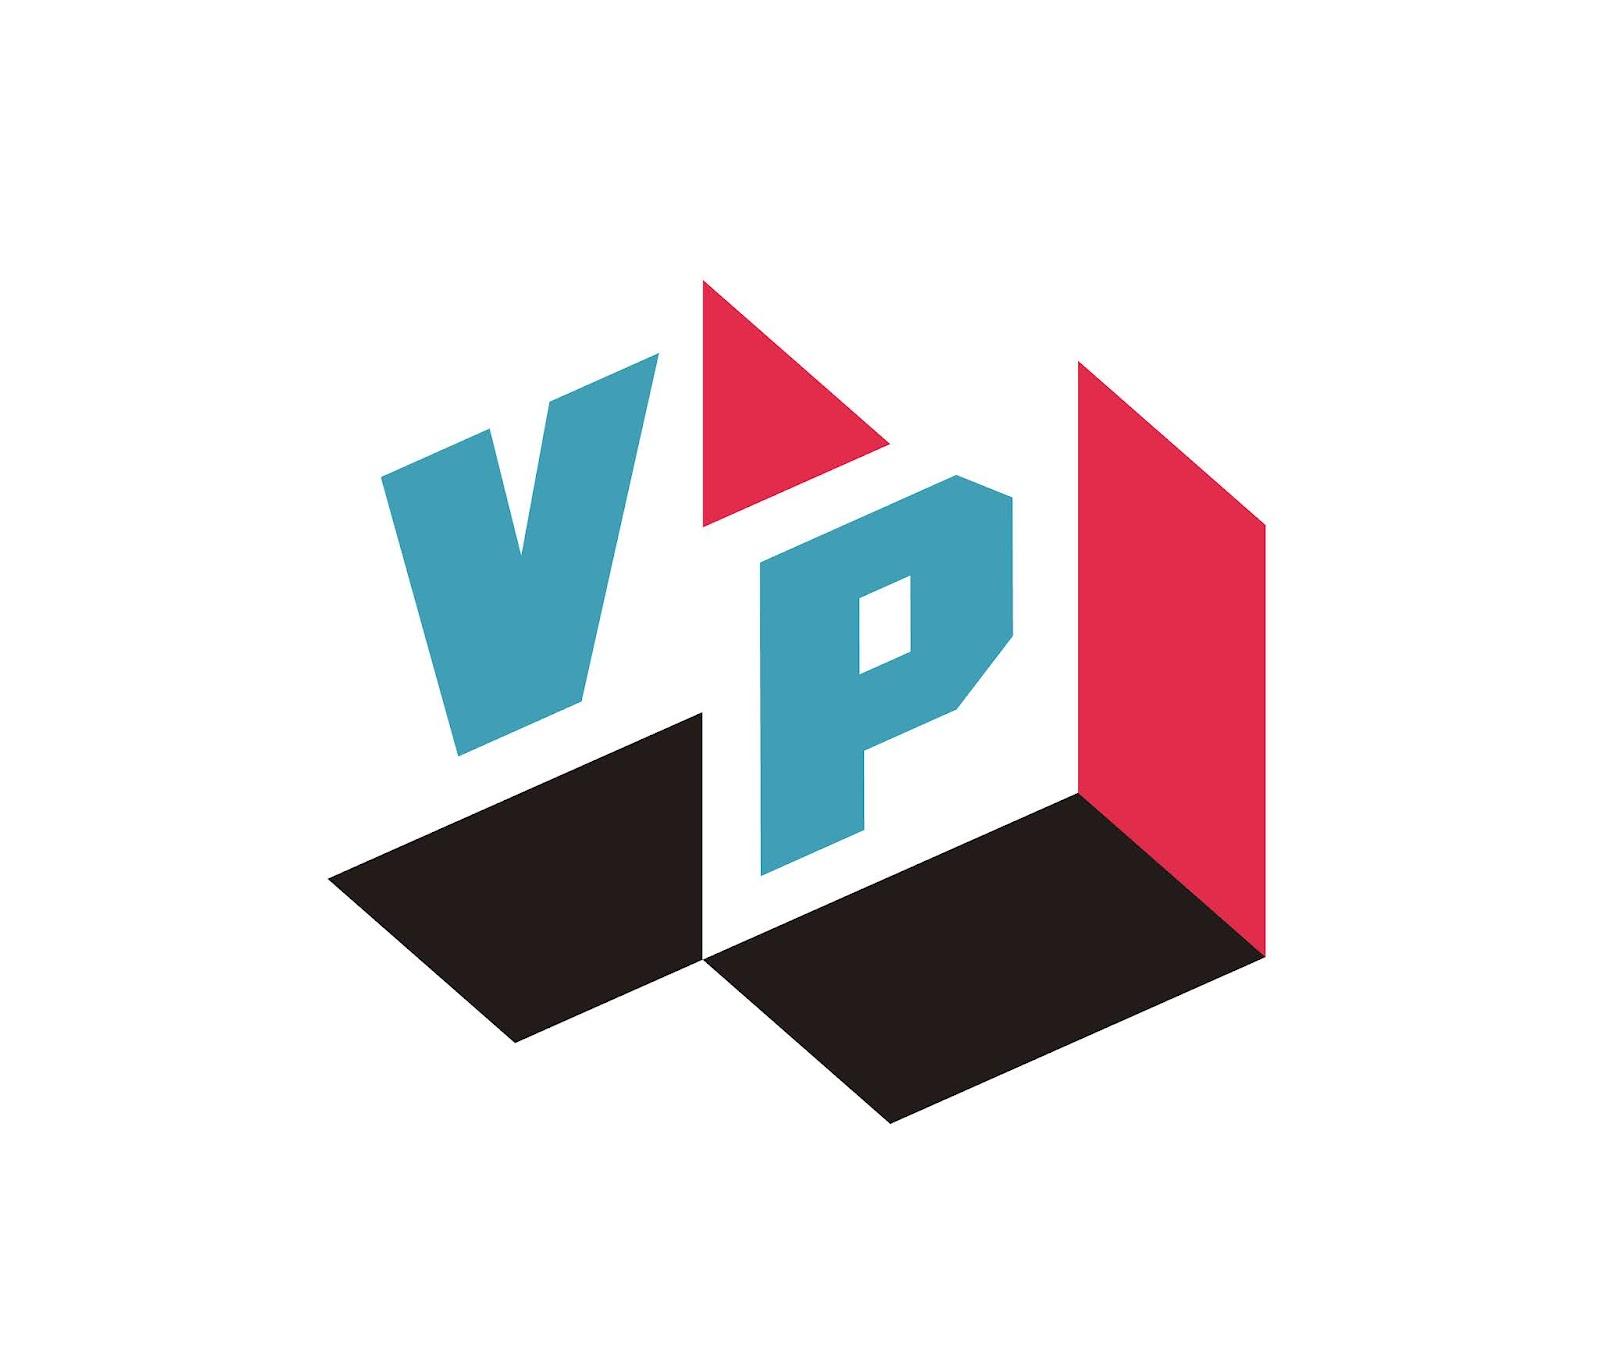 Vertigo Pop